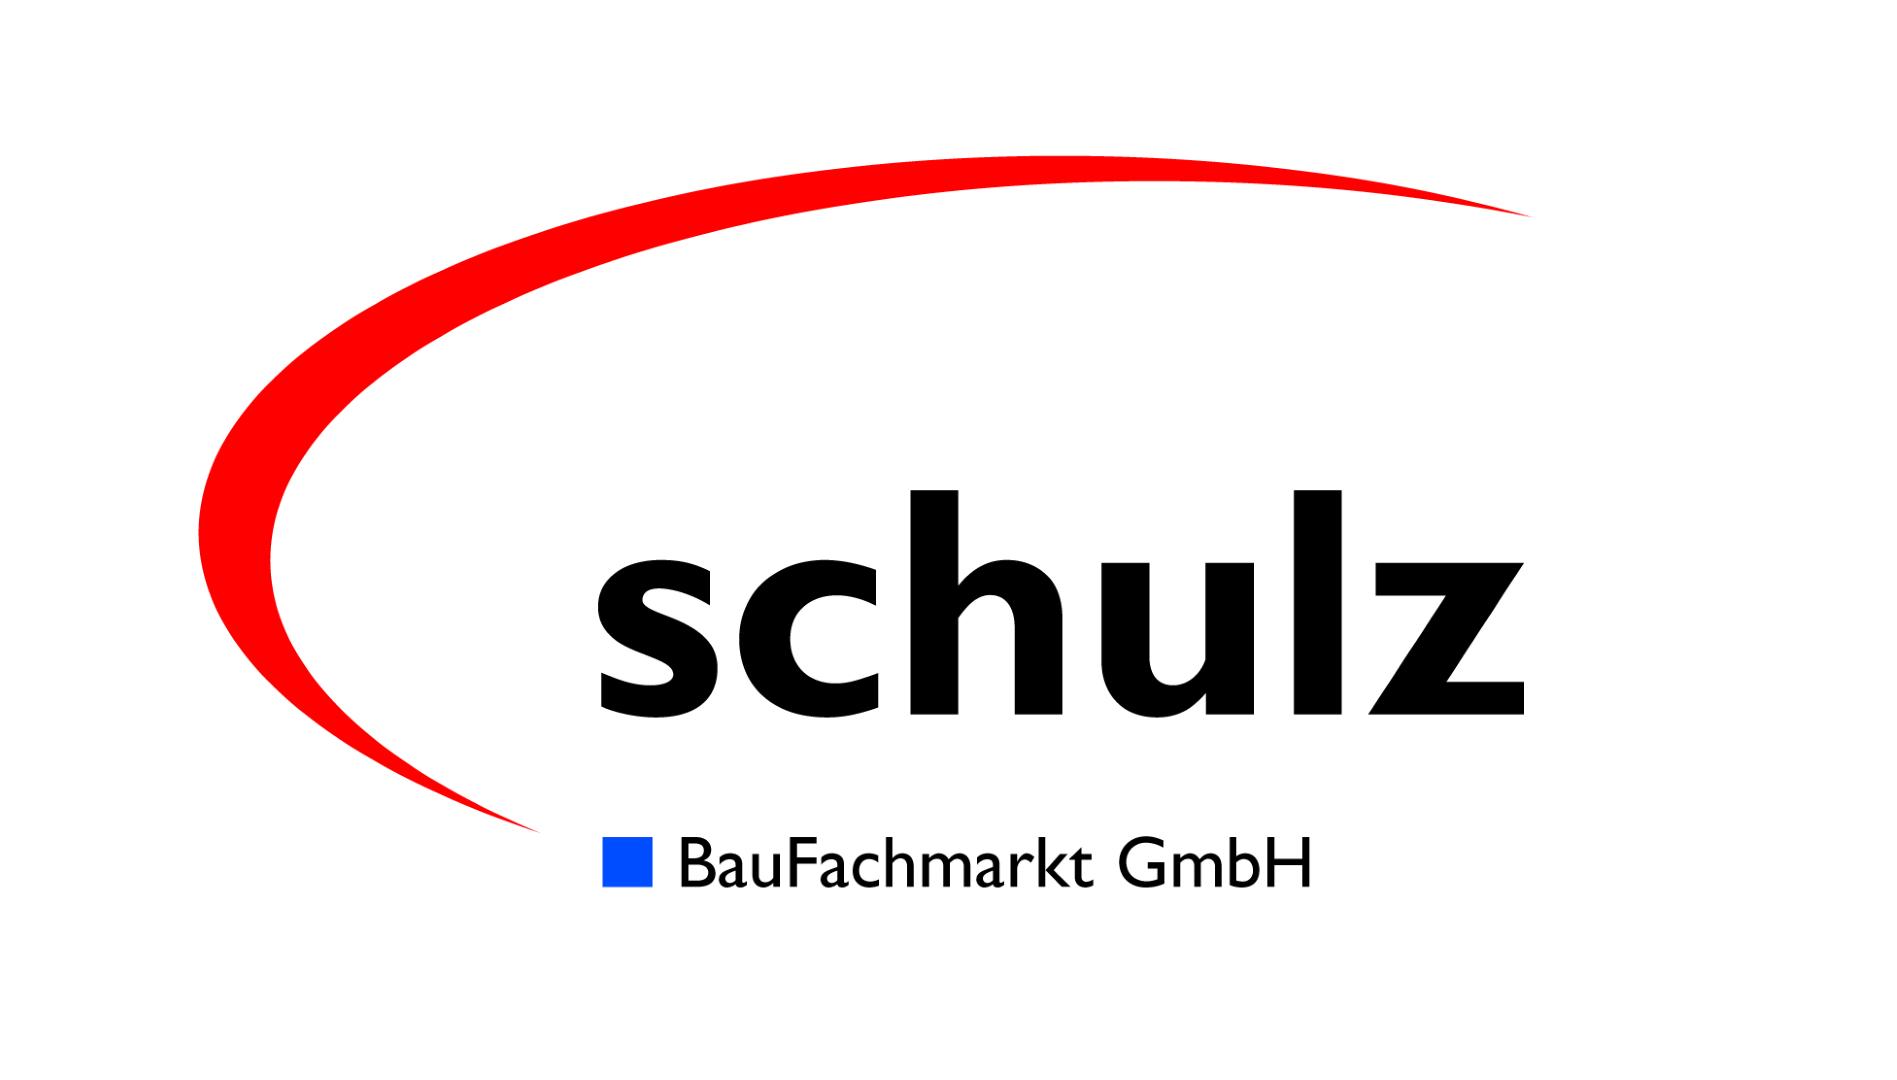 Baufachmarkt Schulz Gmbh Aus 74219 Möckmühl Wwwtrucker Job Boersede